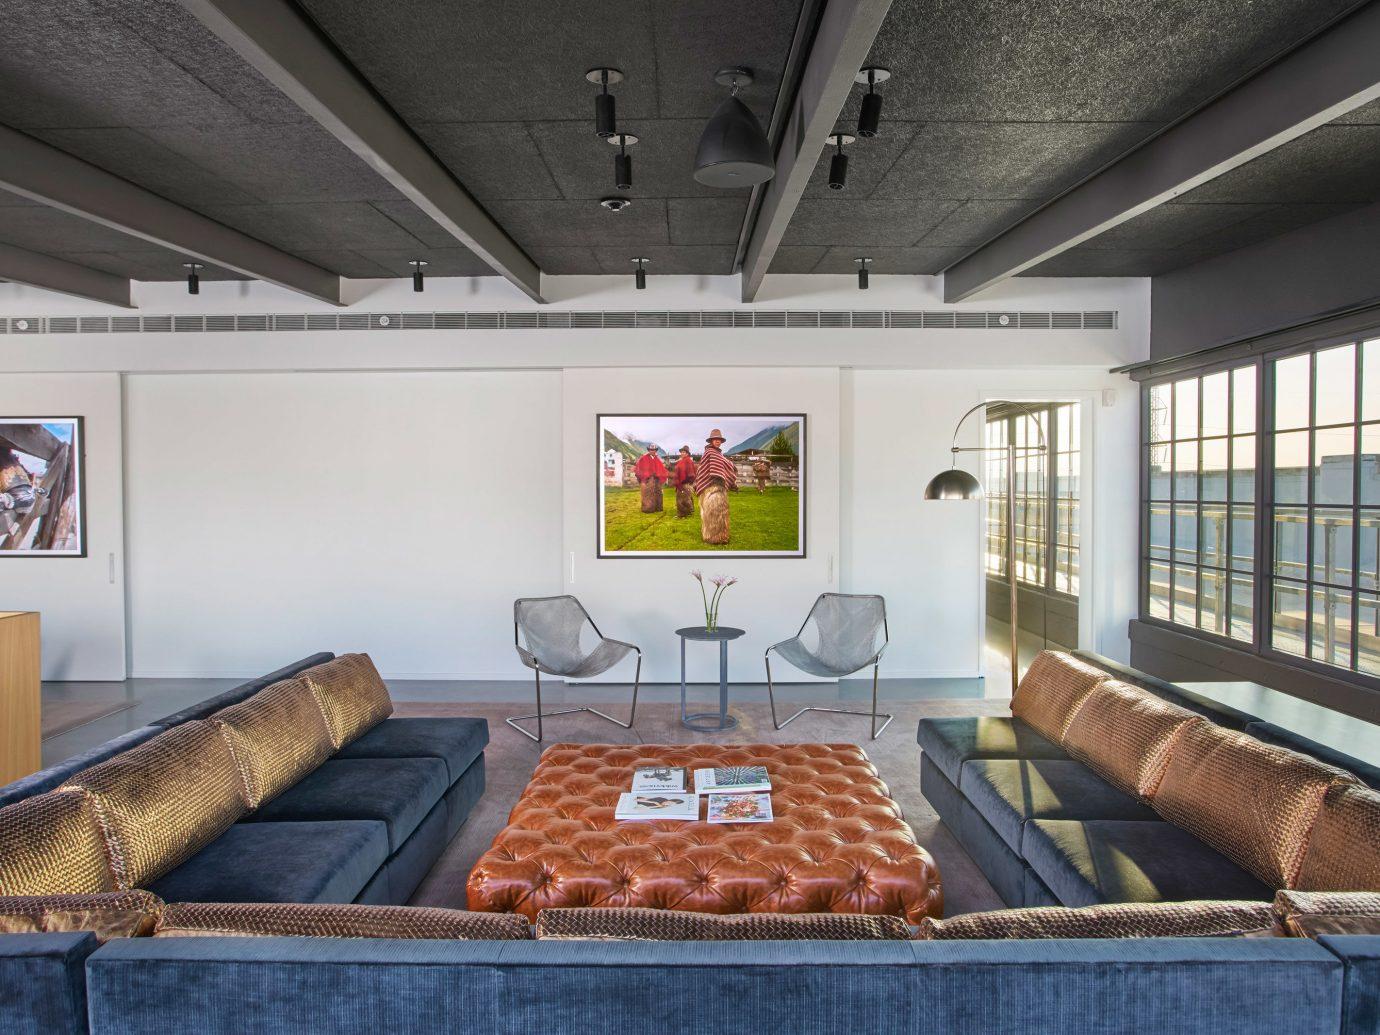 Hotels indoor ceiling property room Living estate living room home interior design real estate recreation room mansion Design furniture